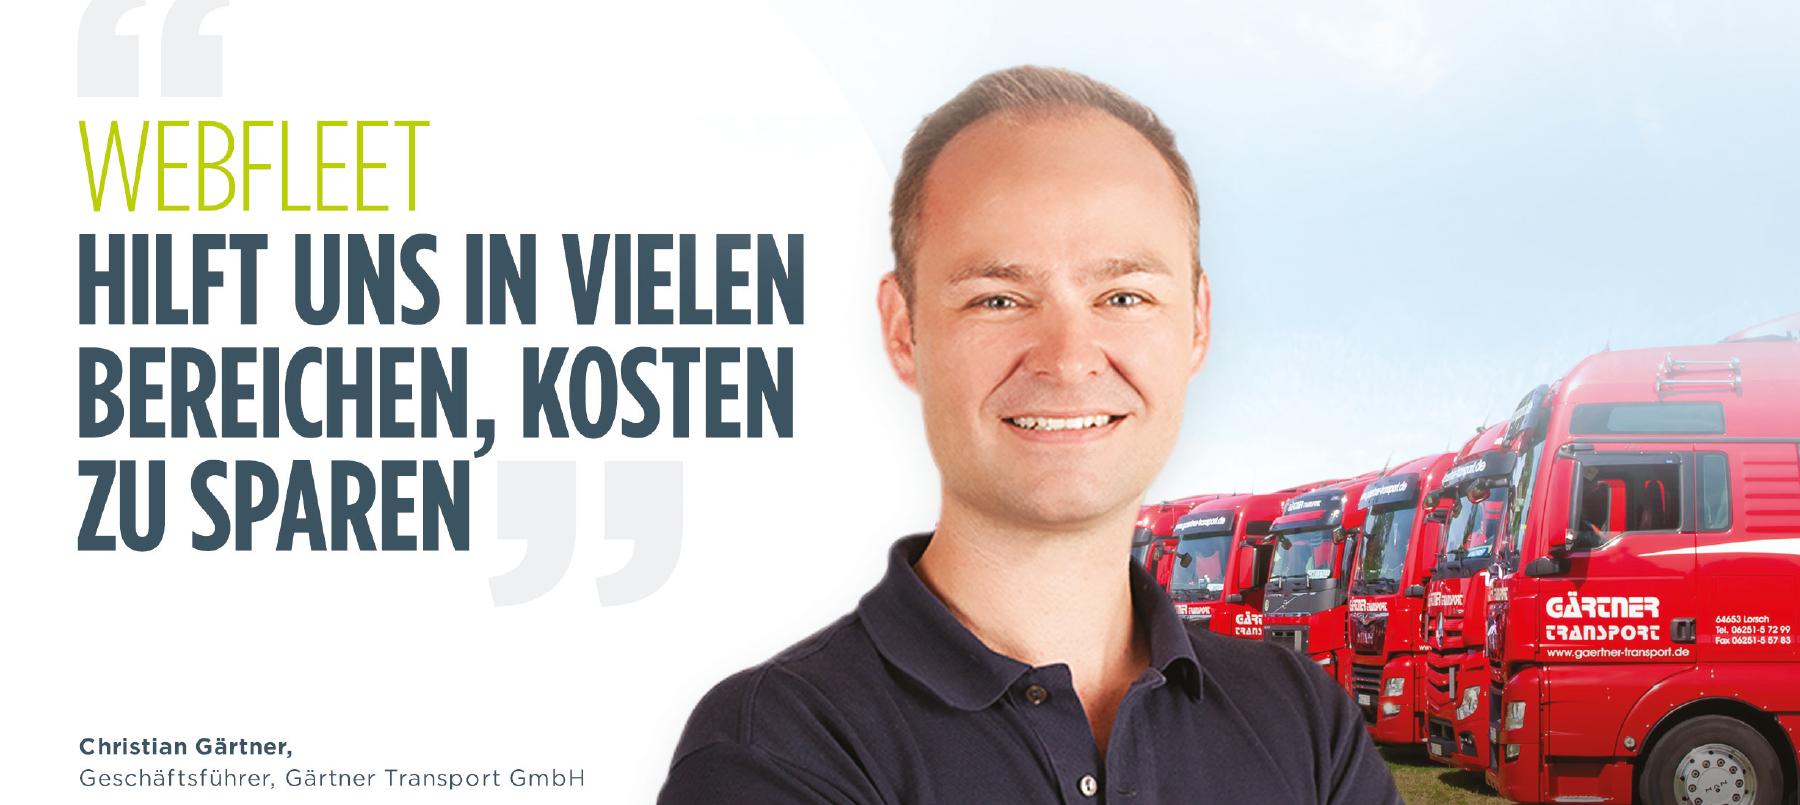 Webfleet Solutions - Christian Gärtner, Gärtner Transport GmbH